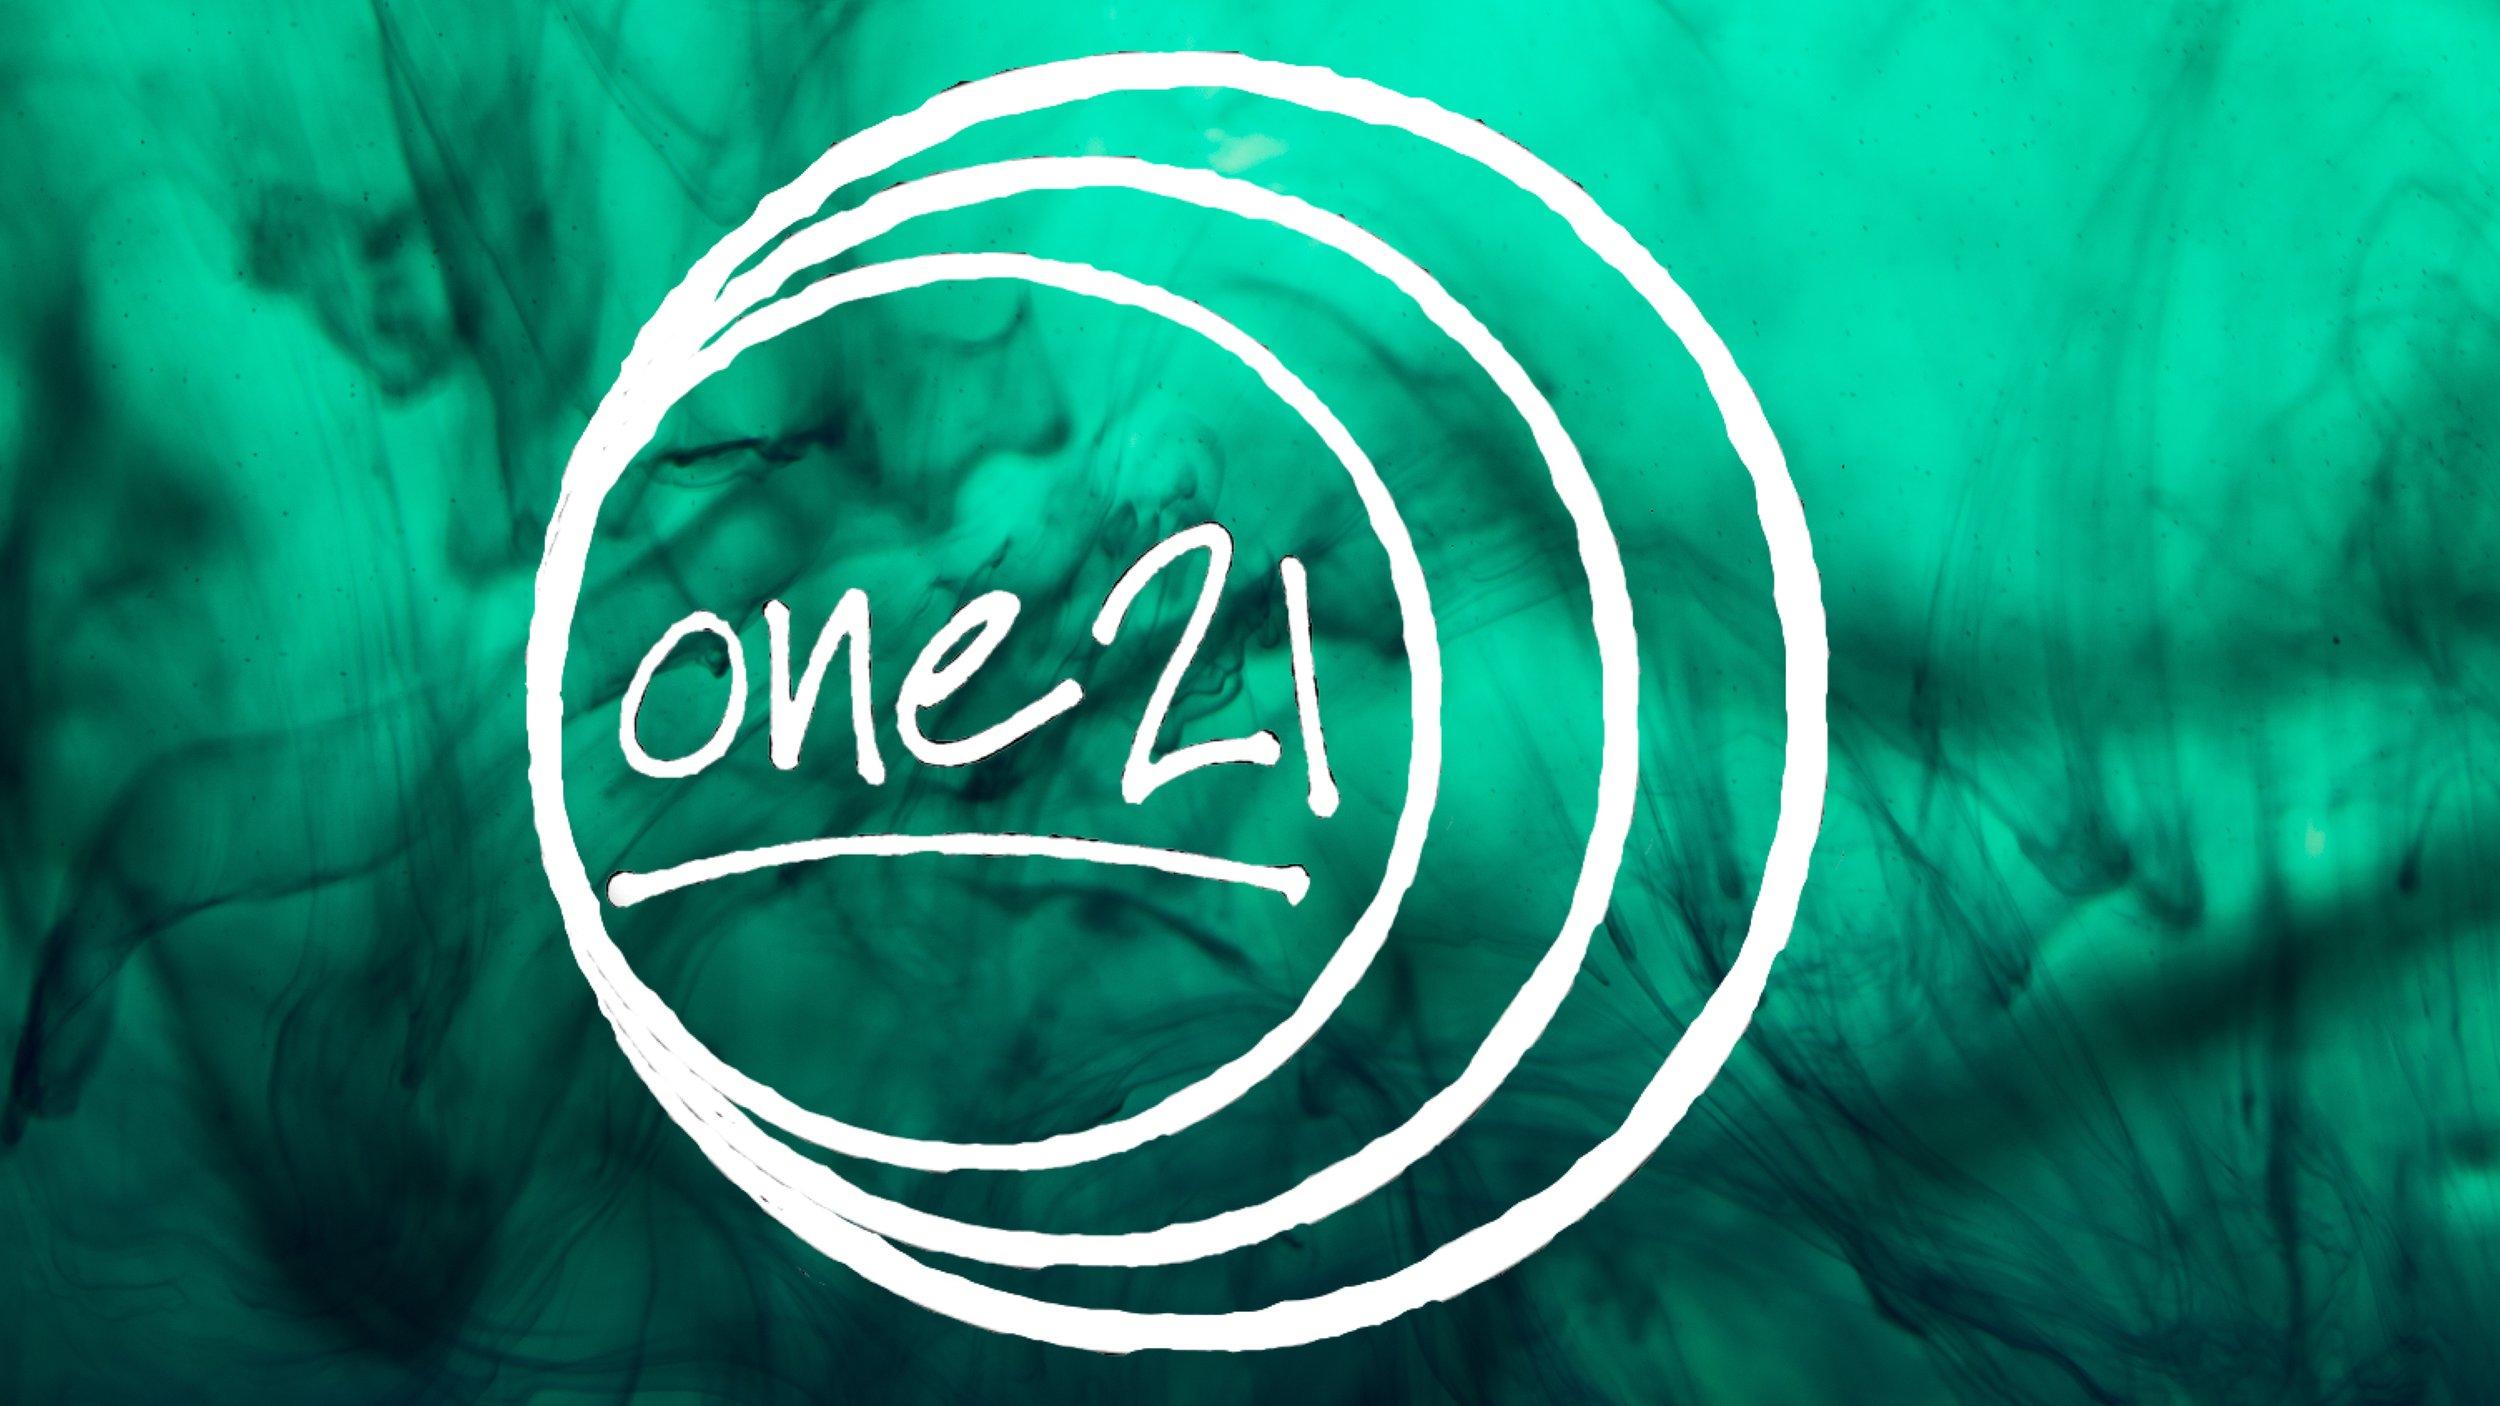 one 21 green .jpeg